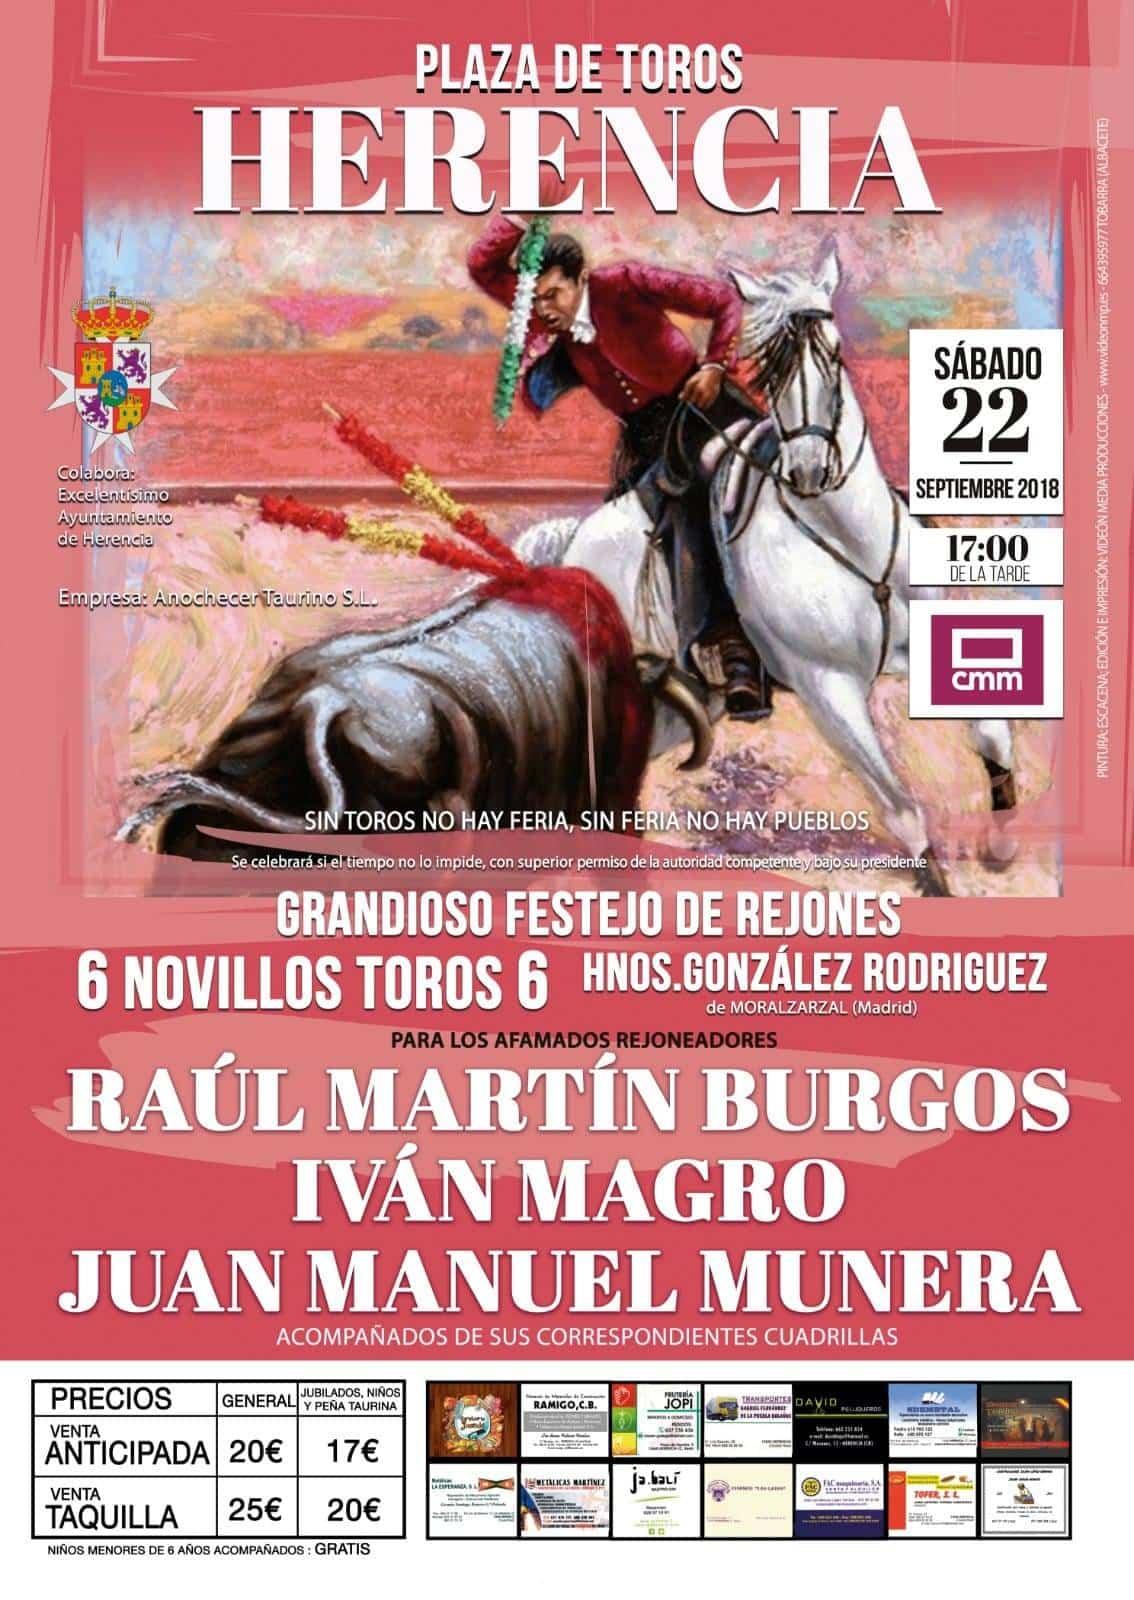 """plaza de toros de herencia novillos rejones feria y fiestas 2018 - """"Grandioso festejo con rejones"""" en la Feria y Fiestas de Herencia"""